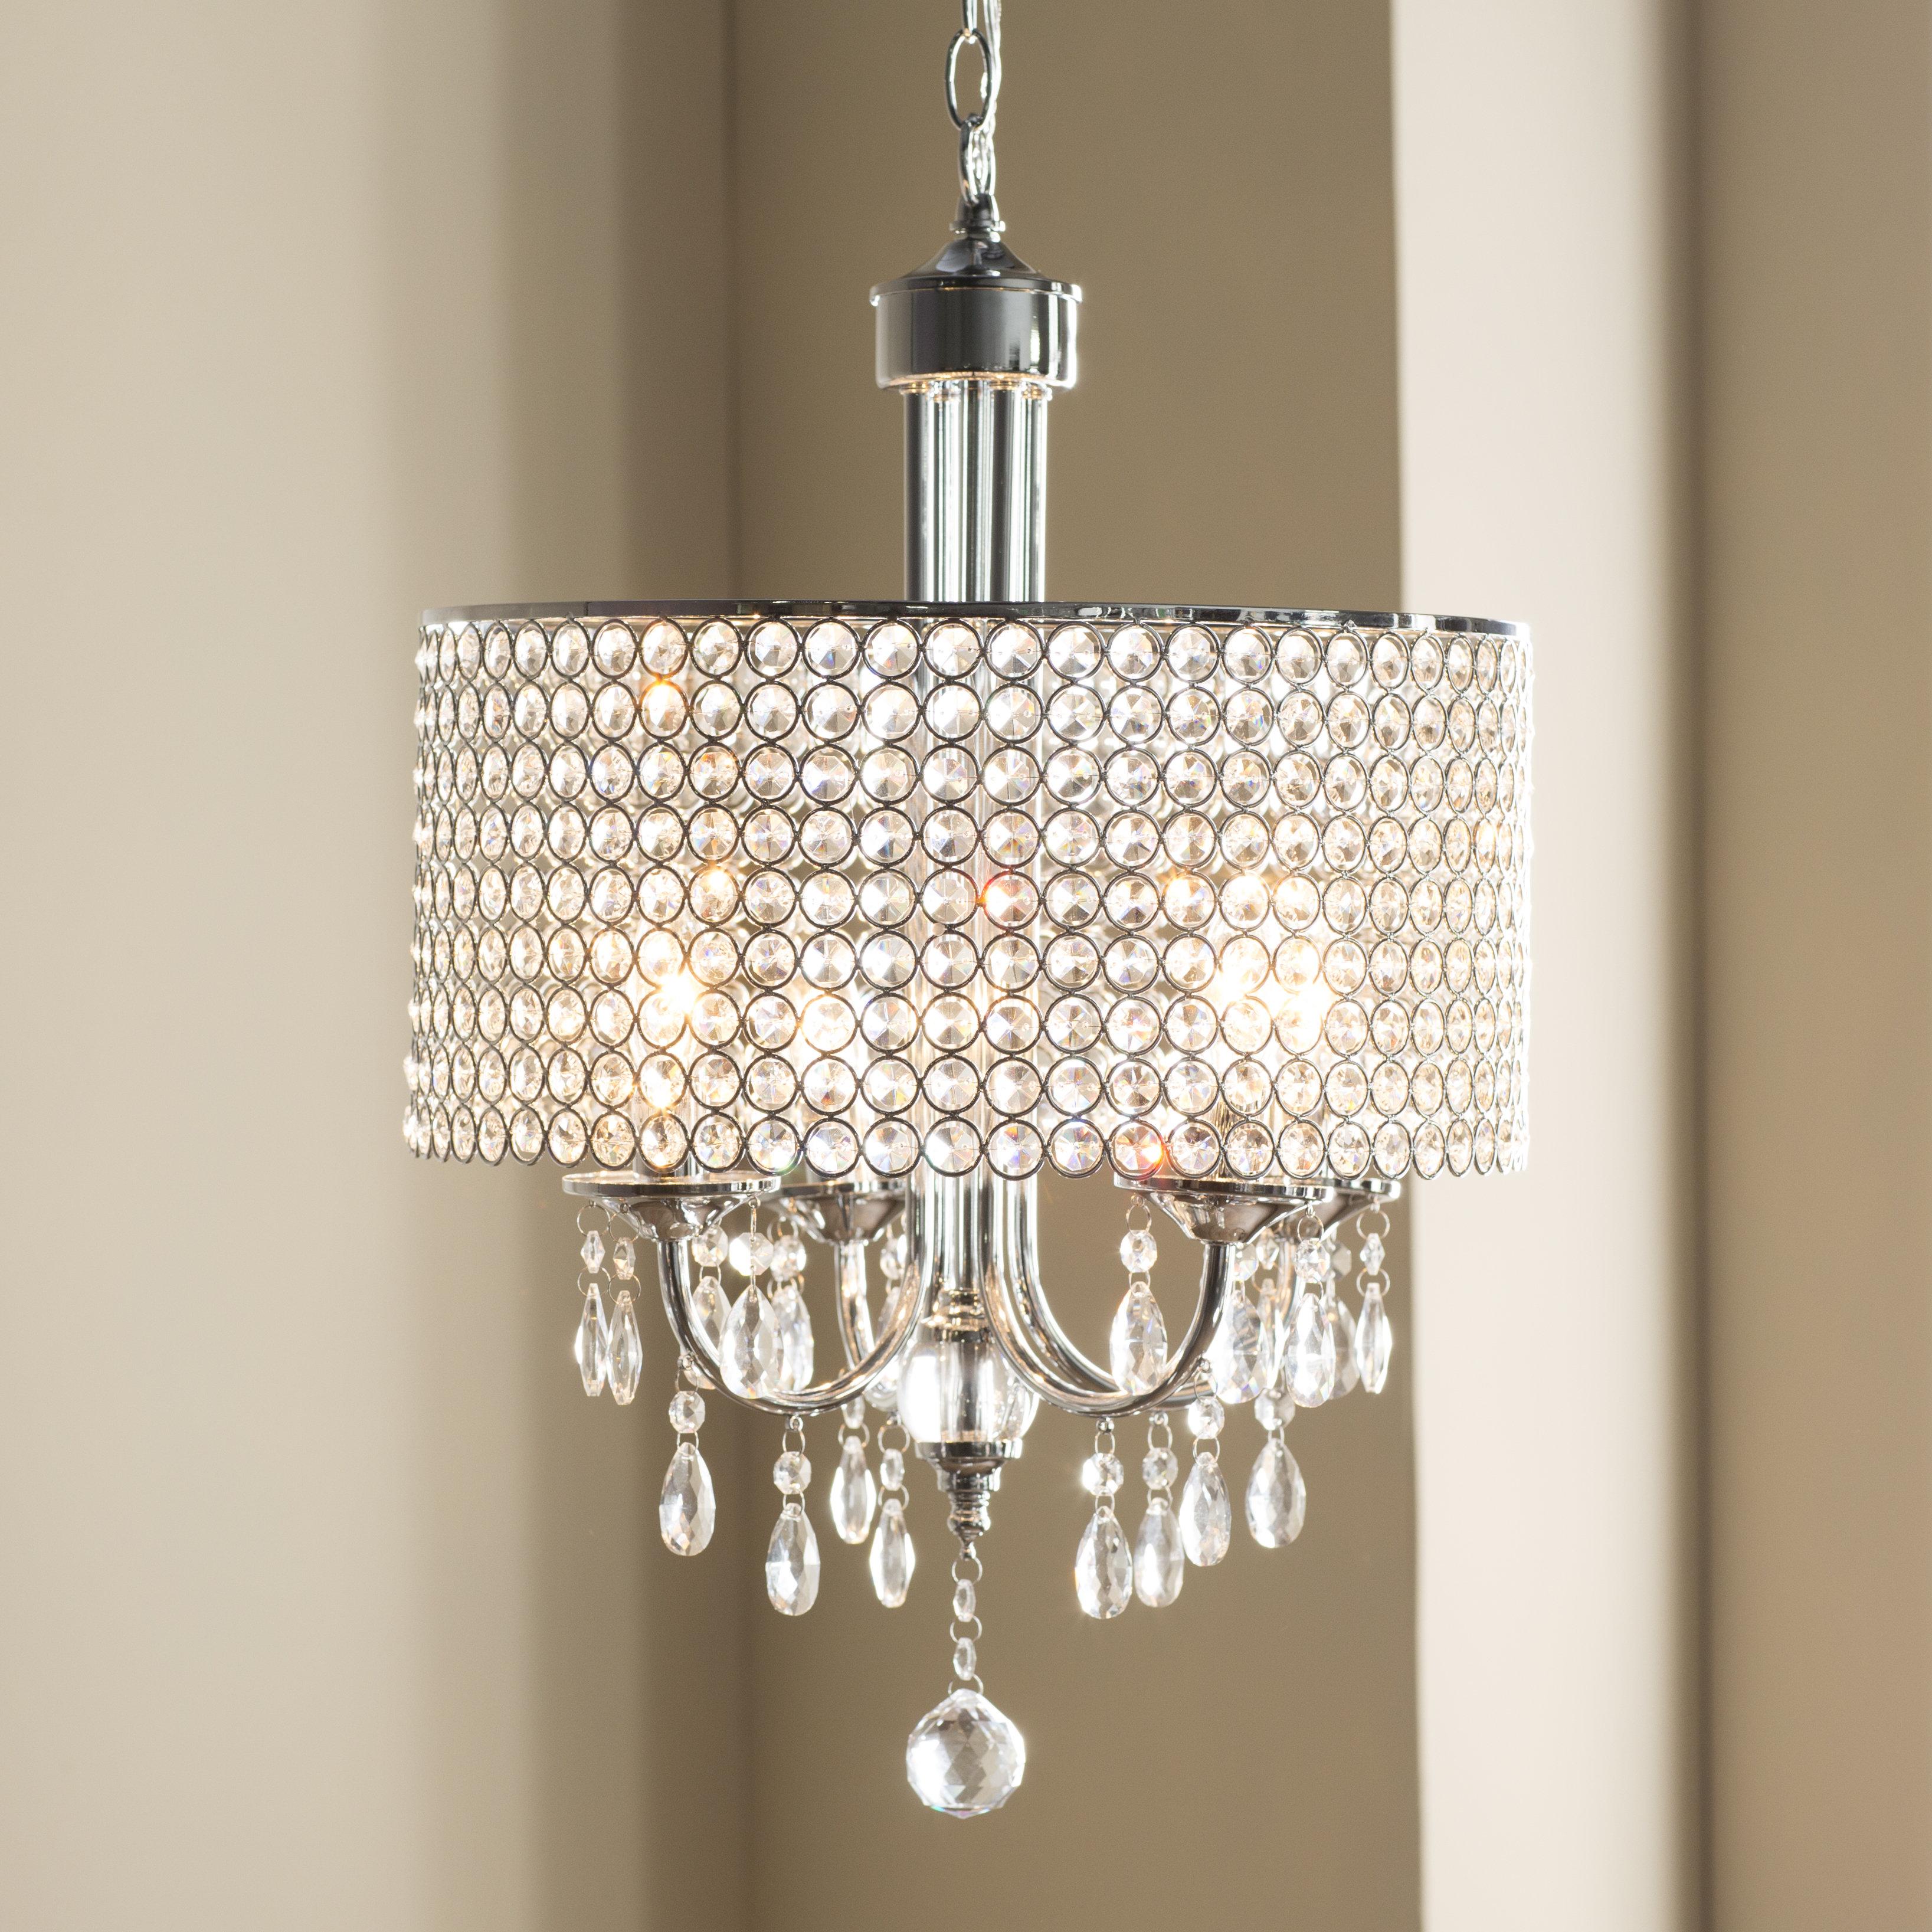 House Of Hampton Oldman 4 Light Crystal Chandelier In Aldgate 4 Light Crystal Chandeliers (Image 19 of 30)